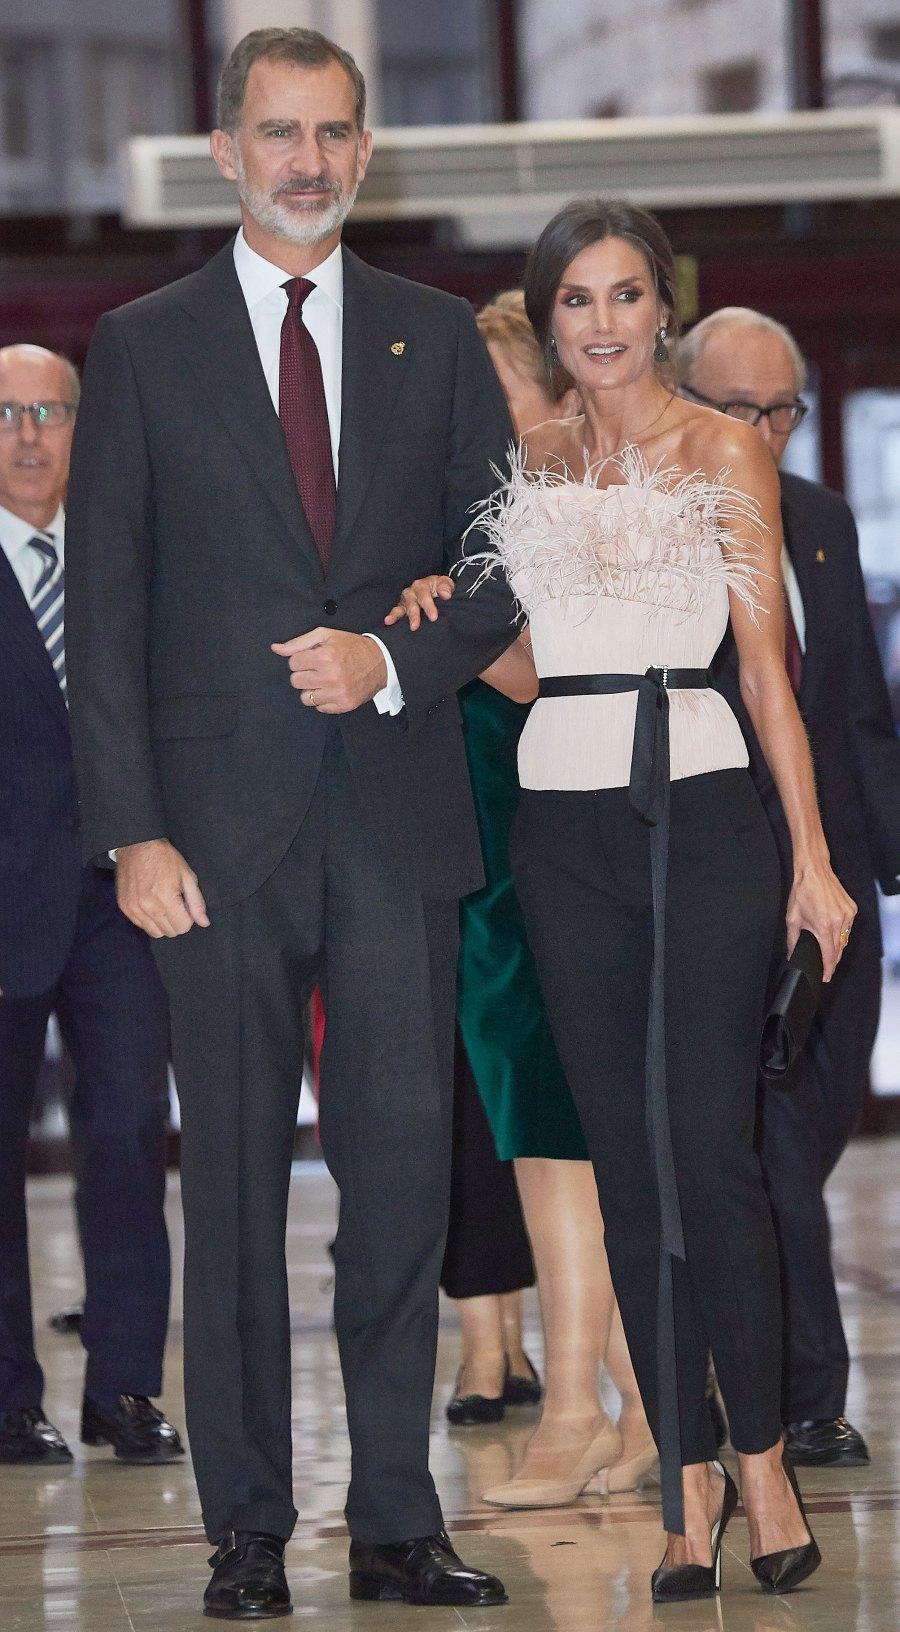 Queen Letizia Evening Wear October 17, 2019